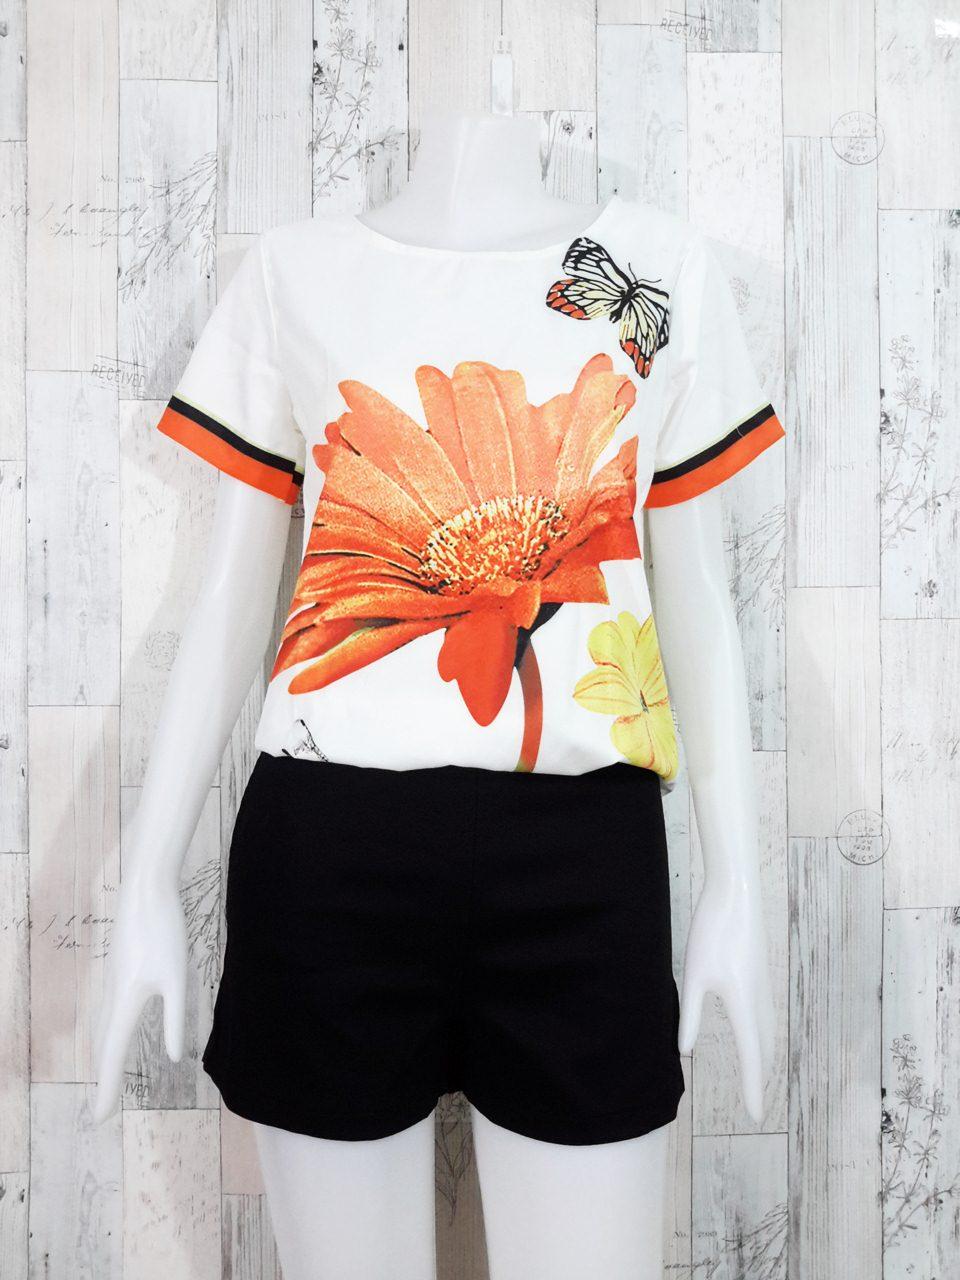 Set_bp1244-1246 ชุดเซ็ท 2 ชิ้น(เสื้อ+กางเกง)แยกชิ้น เสื้อแขนสั้นพิมพ์ลายผีเสื้อดอกไม้โทนสีขาวส้ม+กางเกงขาสั้นสีดำผ้าคอตตอนเนื้อหนา